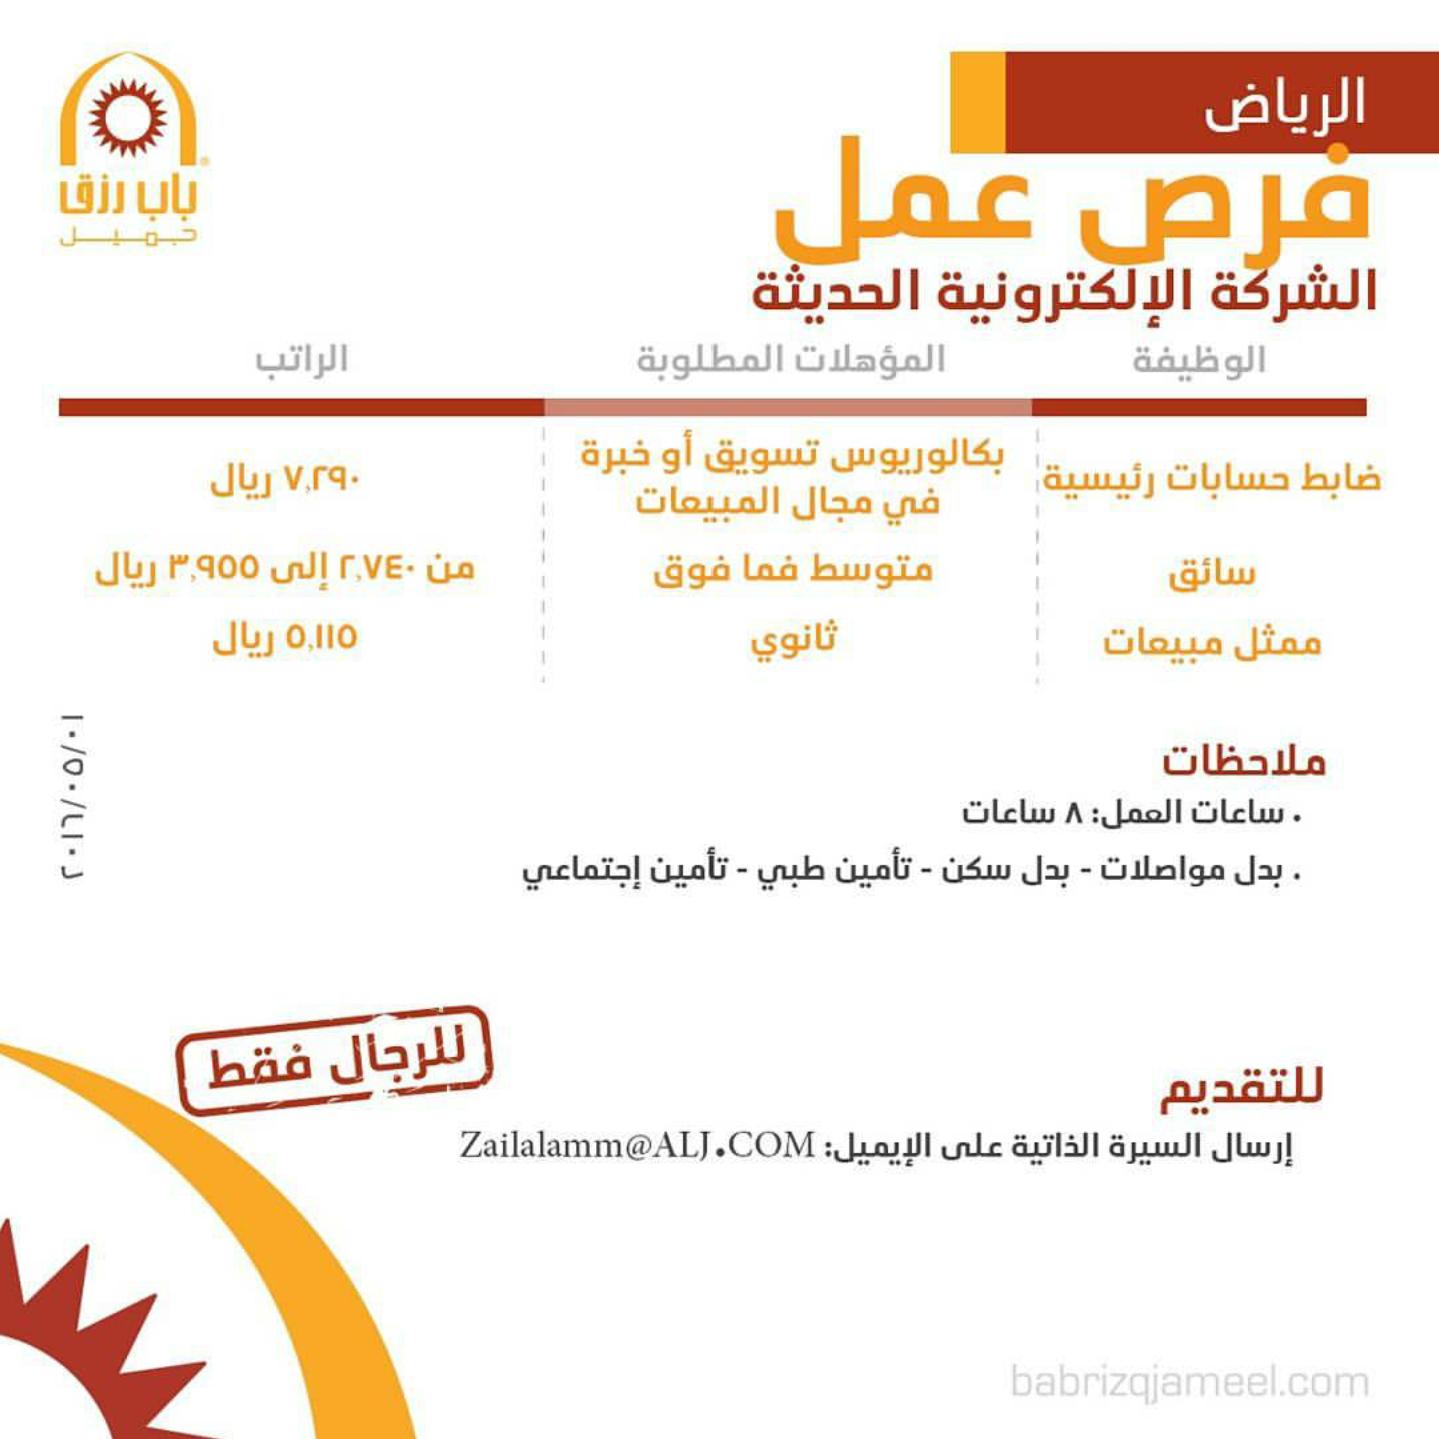 مطلوب ضابط حسابات رئيسية وسائق وممثل مبيعات للشركة الإلكترونية الحديثة - الرياض